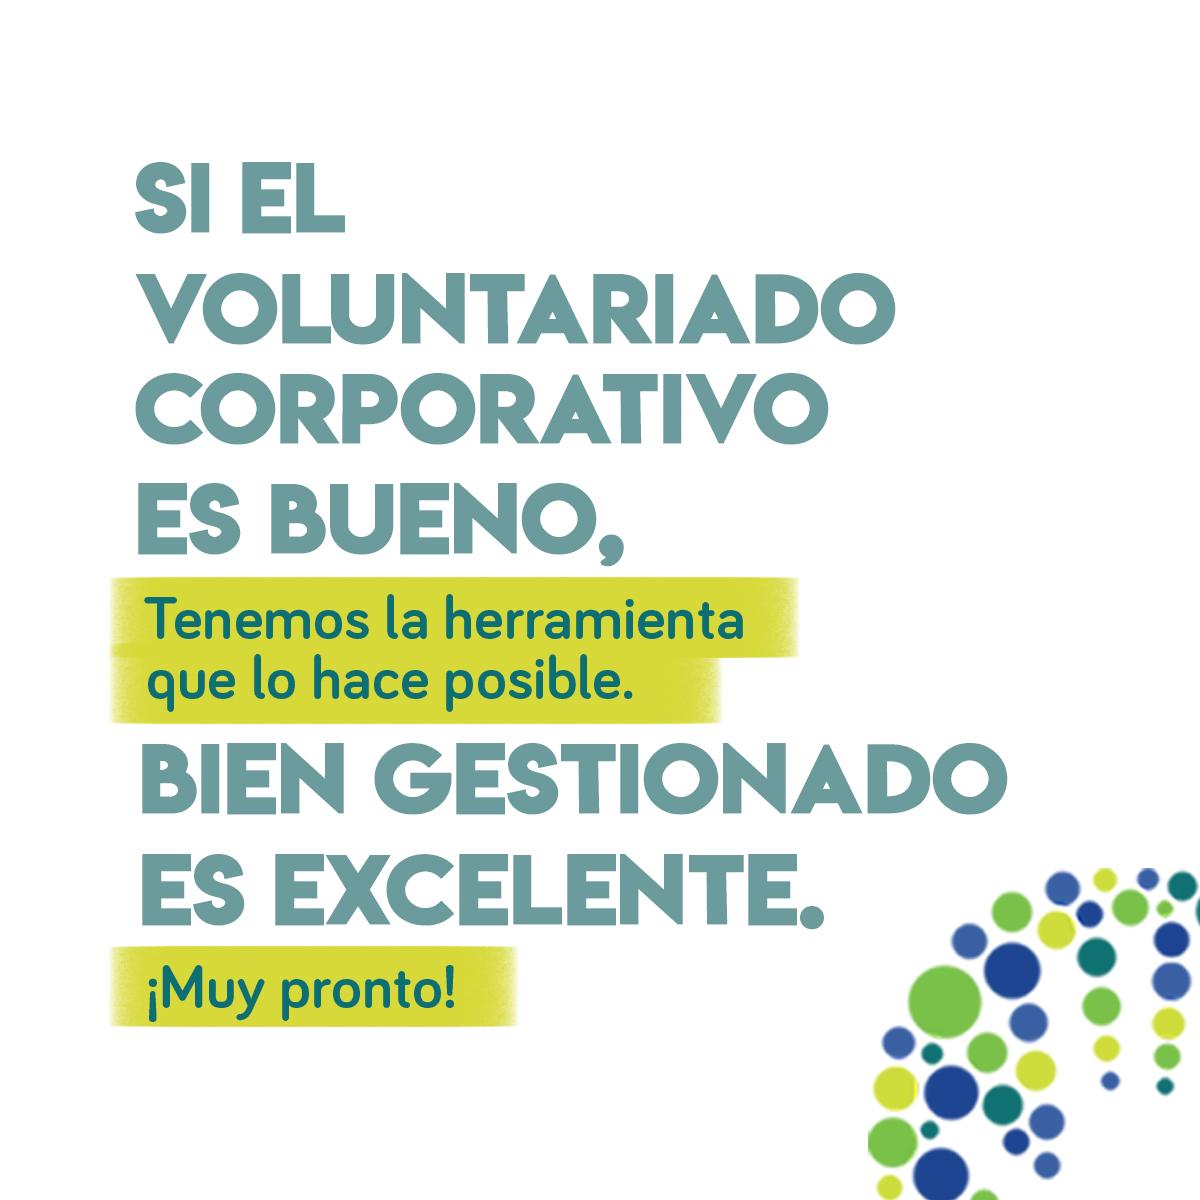 post redes sociales voluntariado corporativo